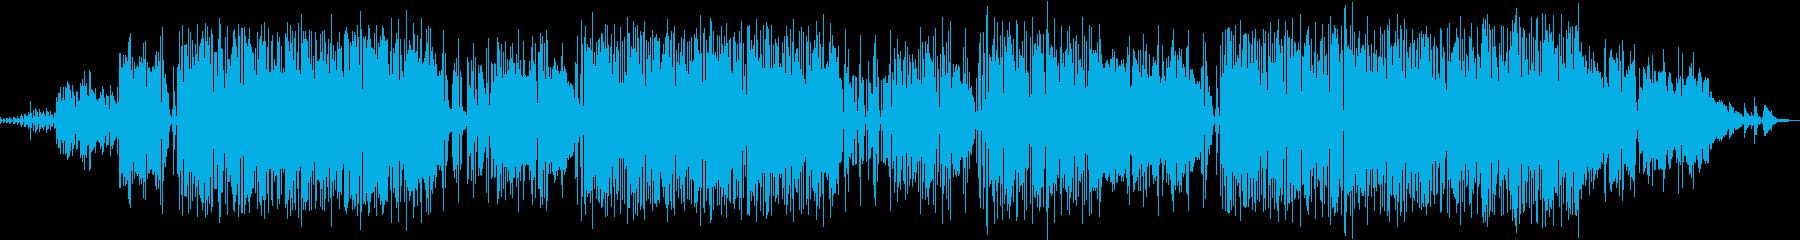 キラキラしたエレピが印象的の再生済みの波形